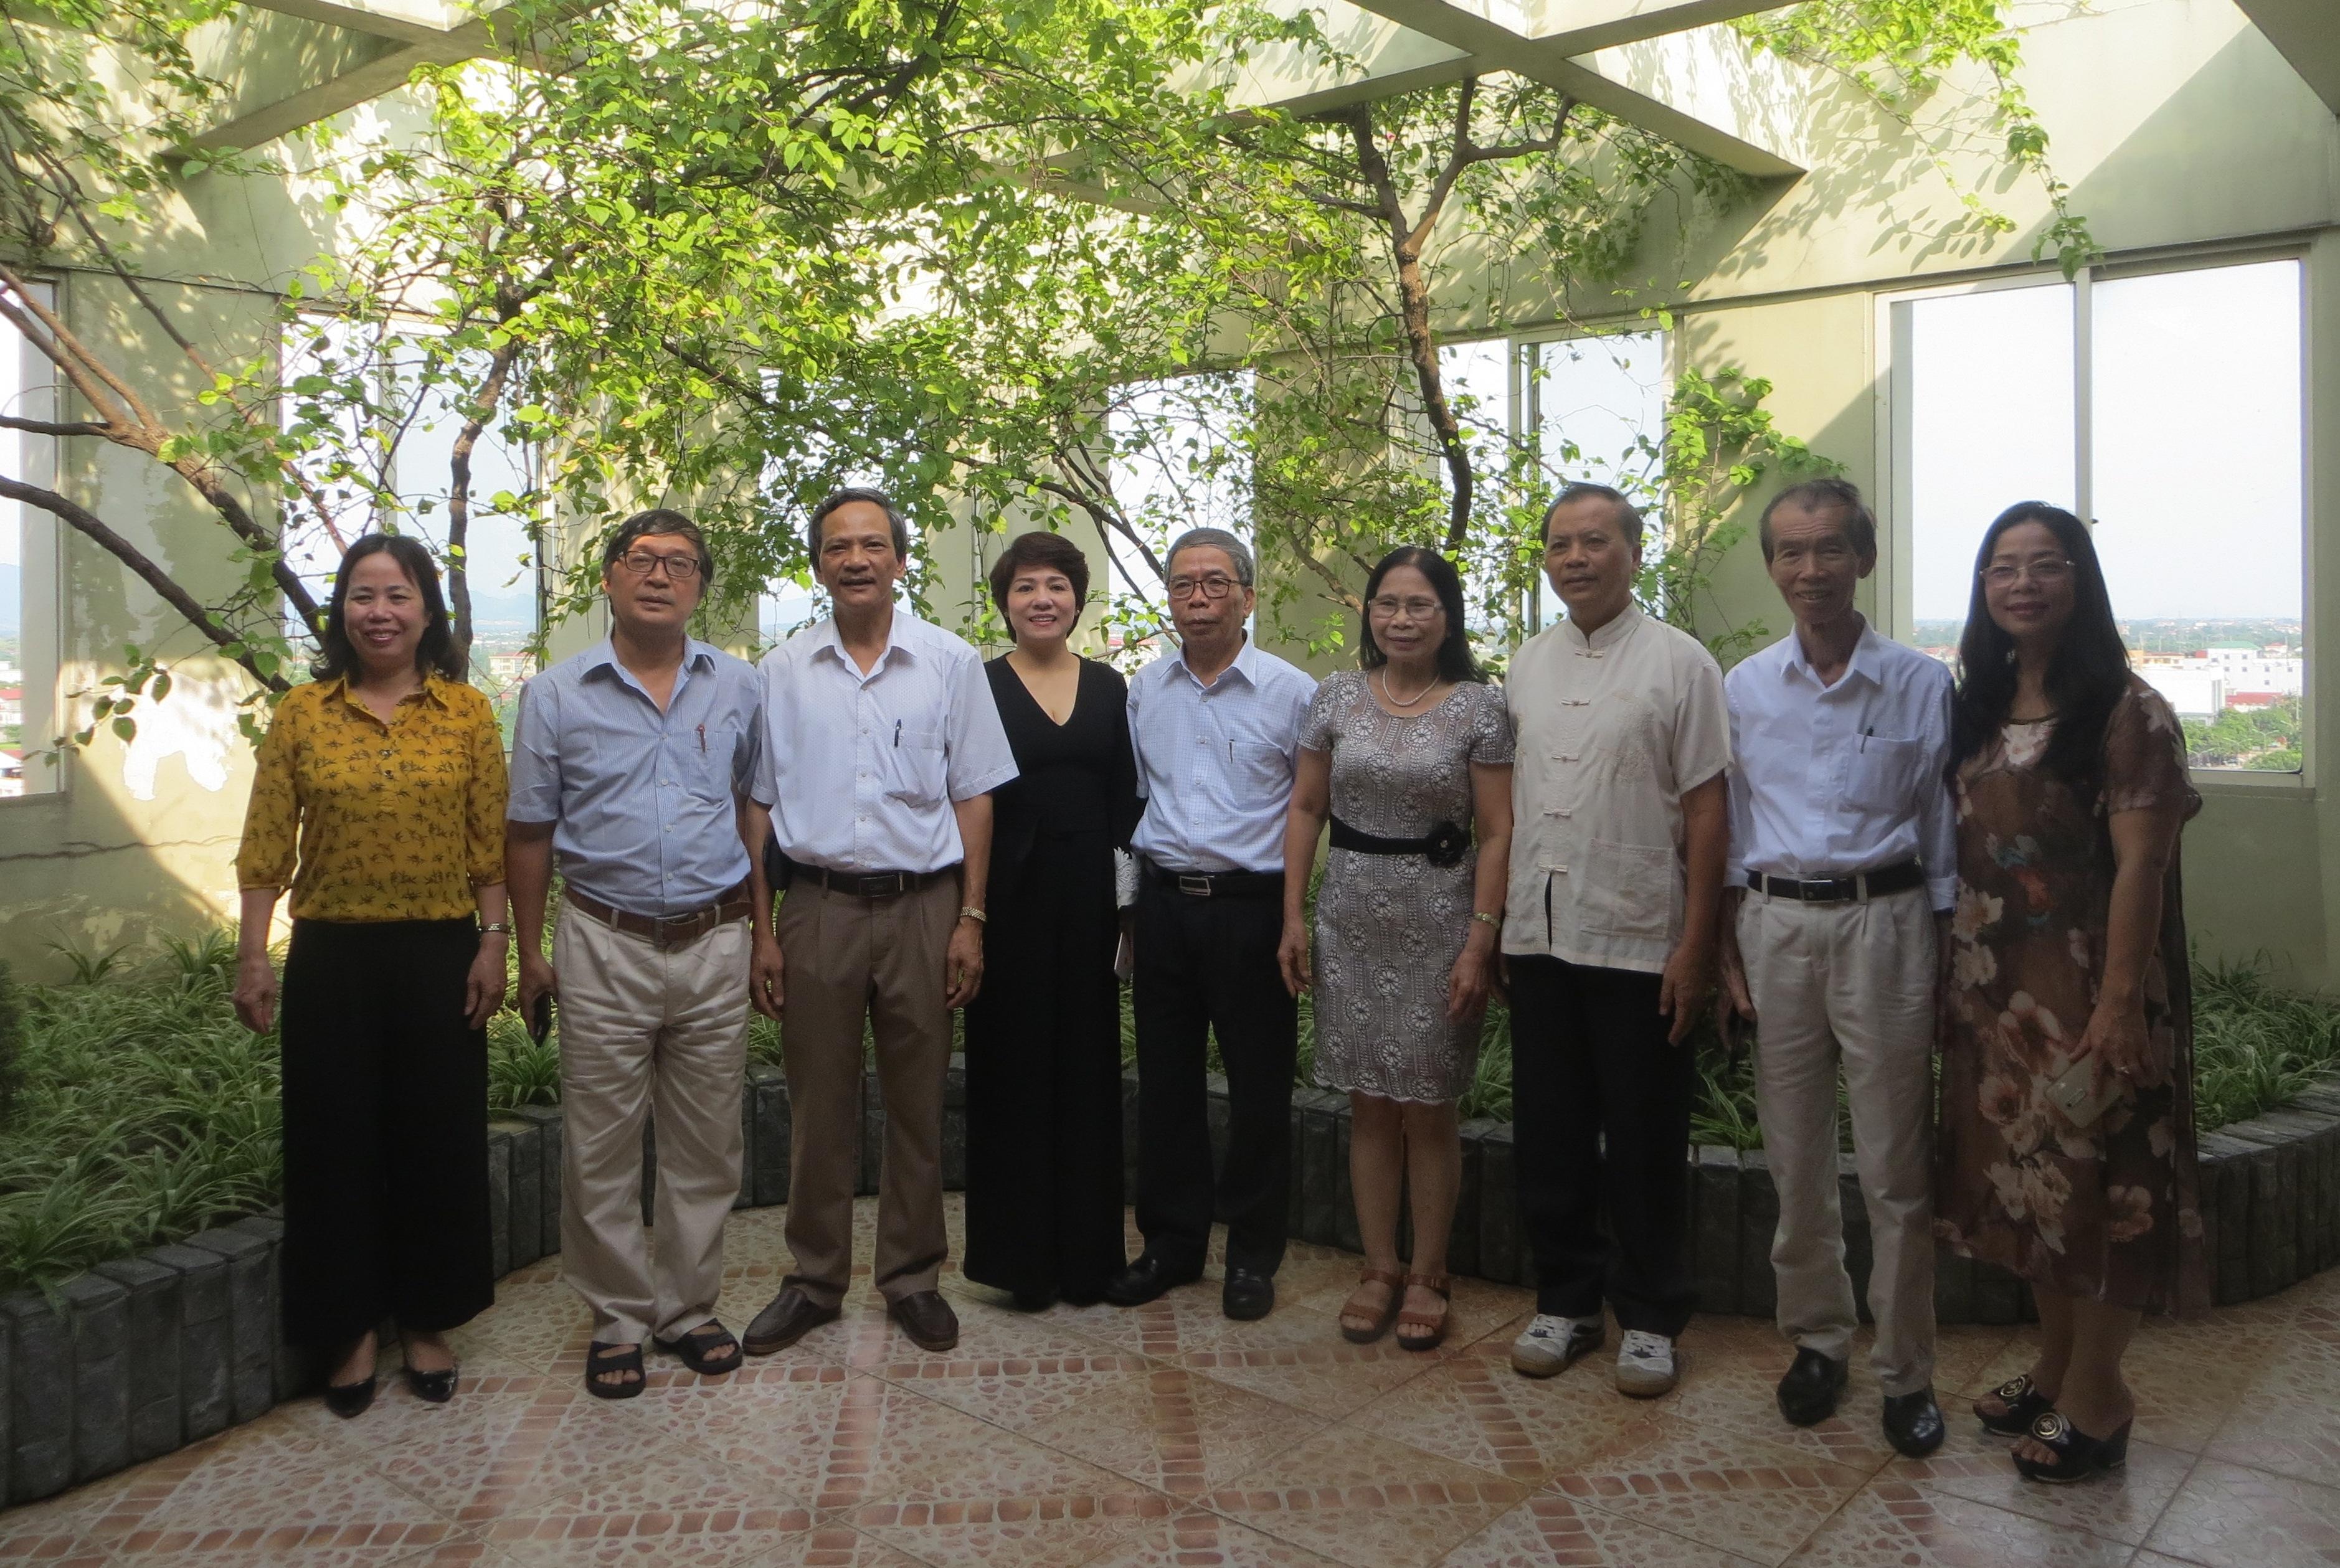 Hội nghị công tác văn học Bắc miền Trung tại Hà Tĩnh